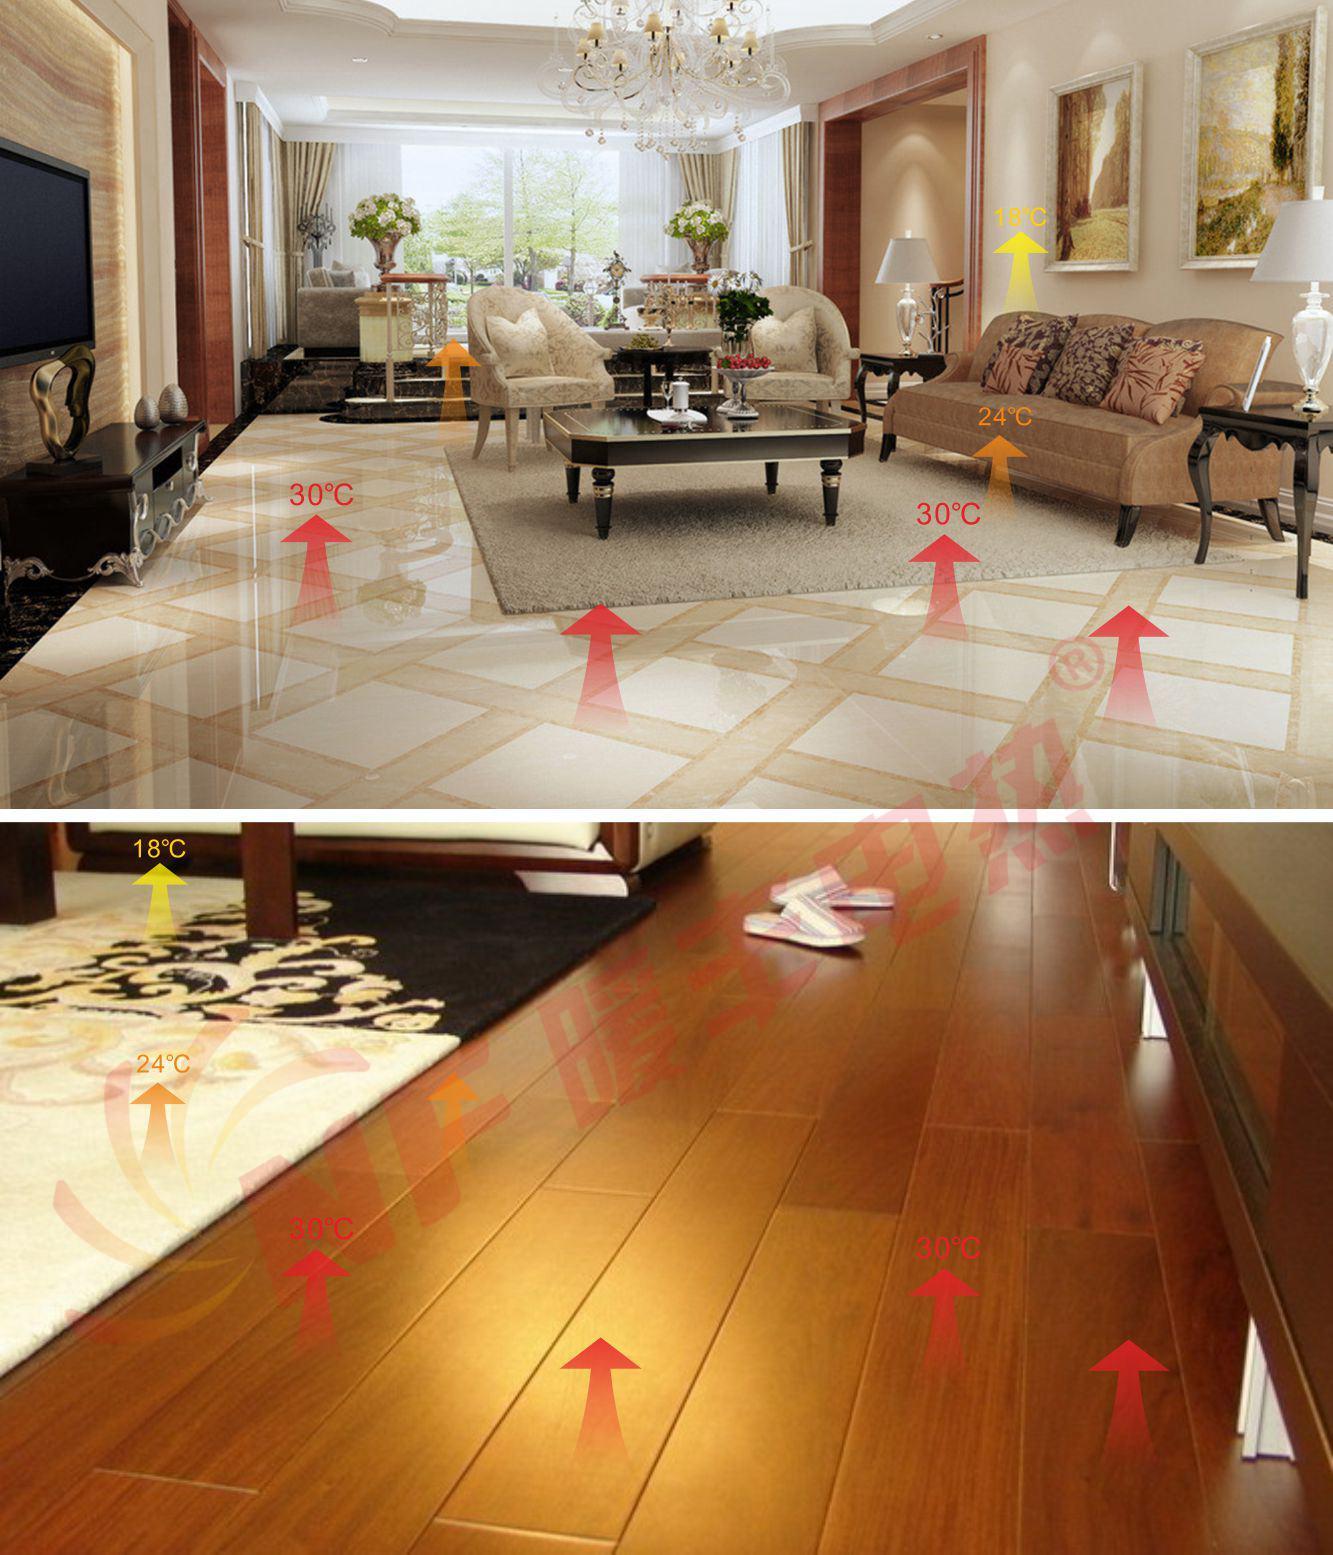 定制发热地砖木地板系列